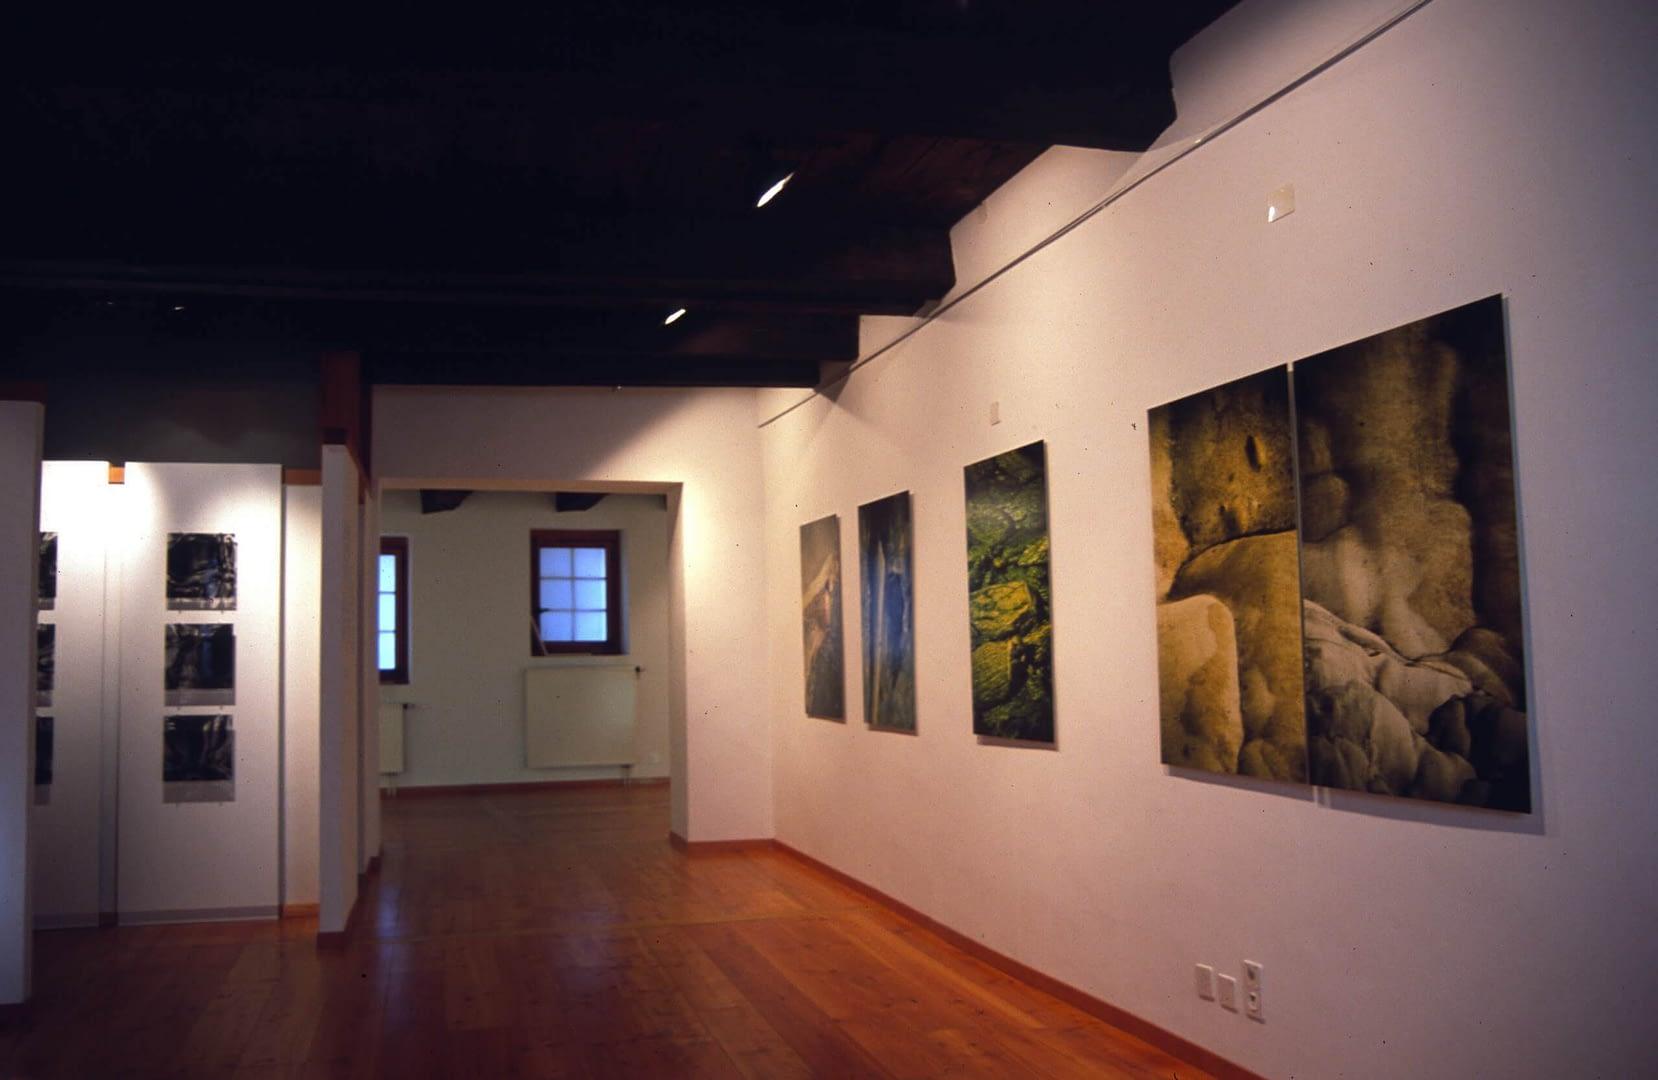 Ausstellung Galleria Graziosa Giger, Leuk 2004